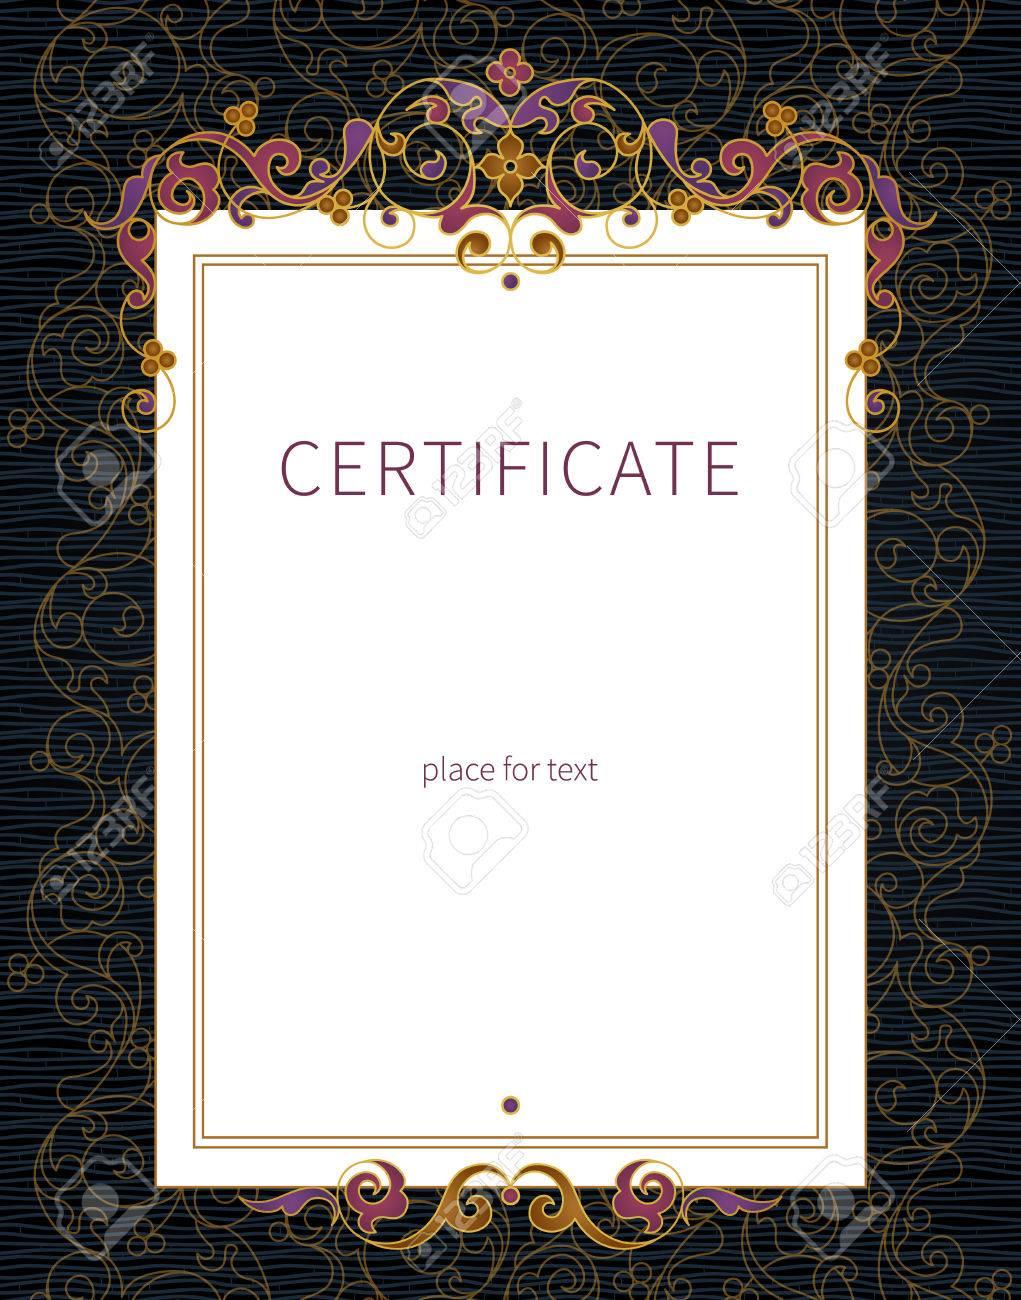 Beste Spende Zertifikatvorlage Bilder - Bilder für das Lebenslauf ...